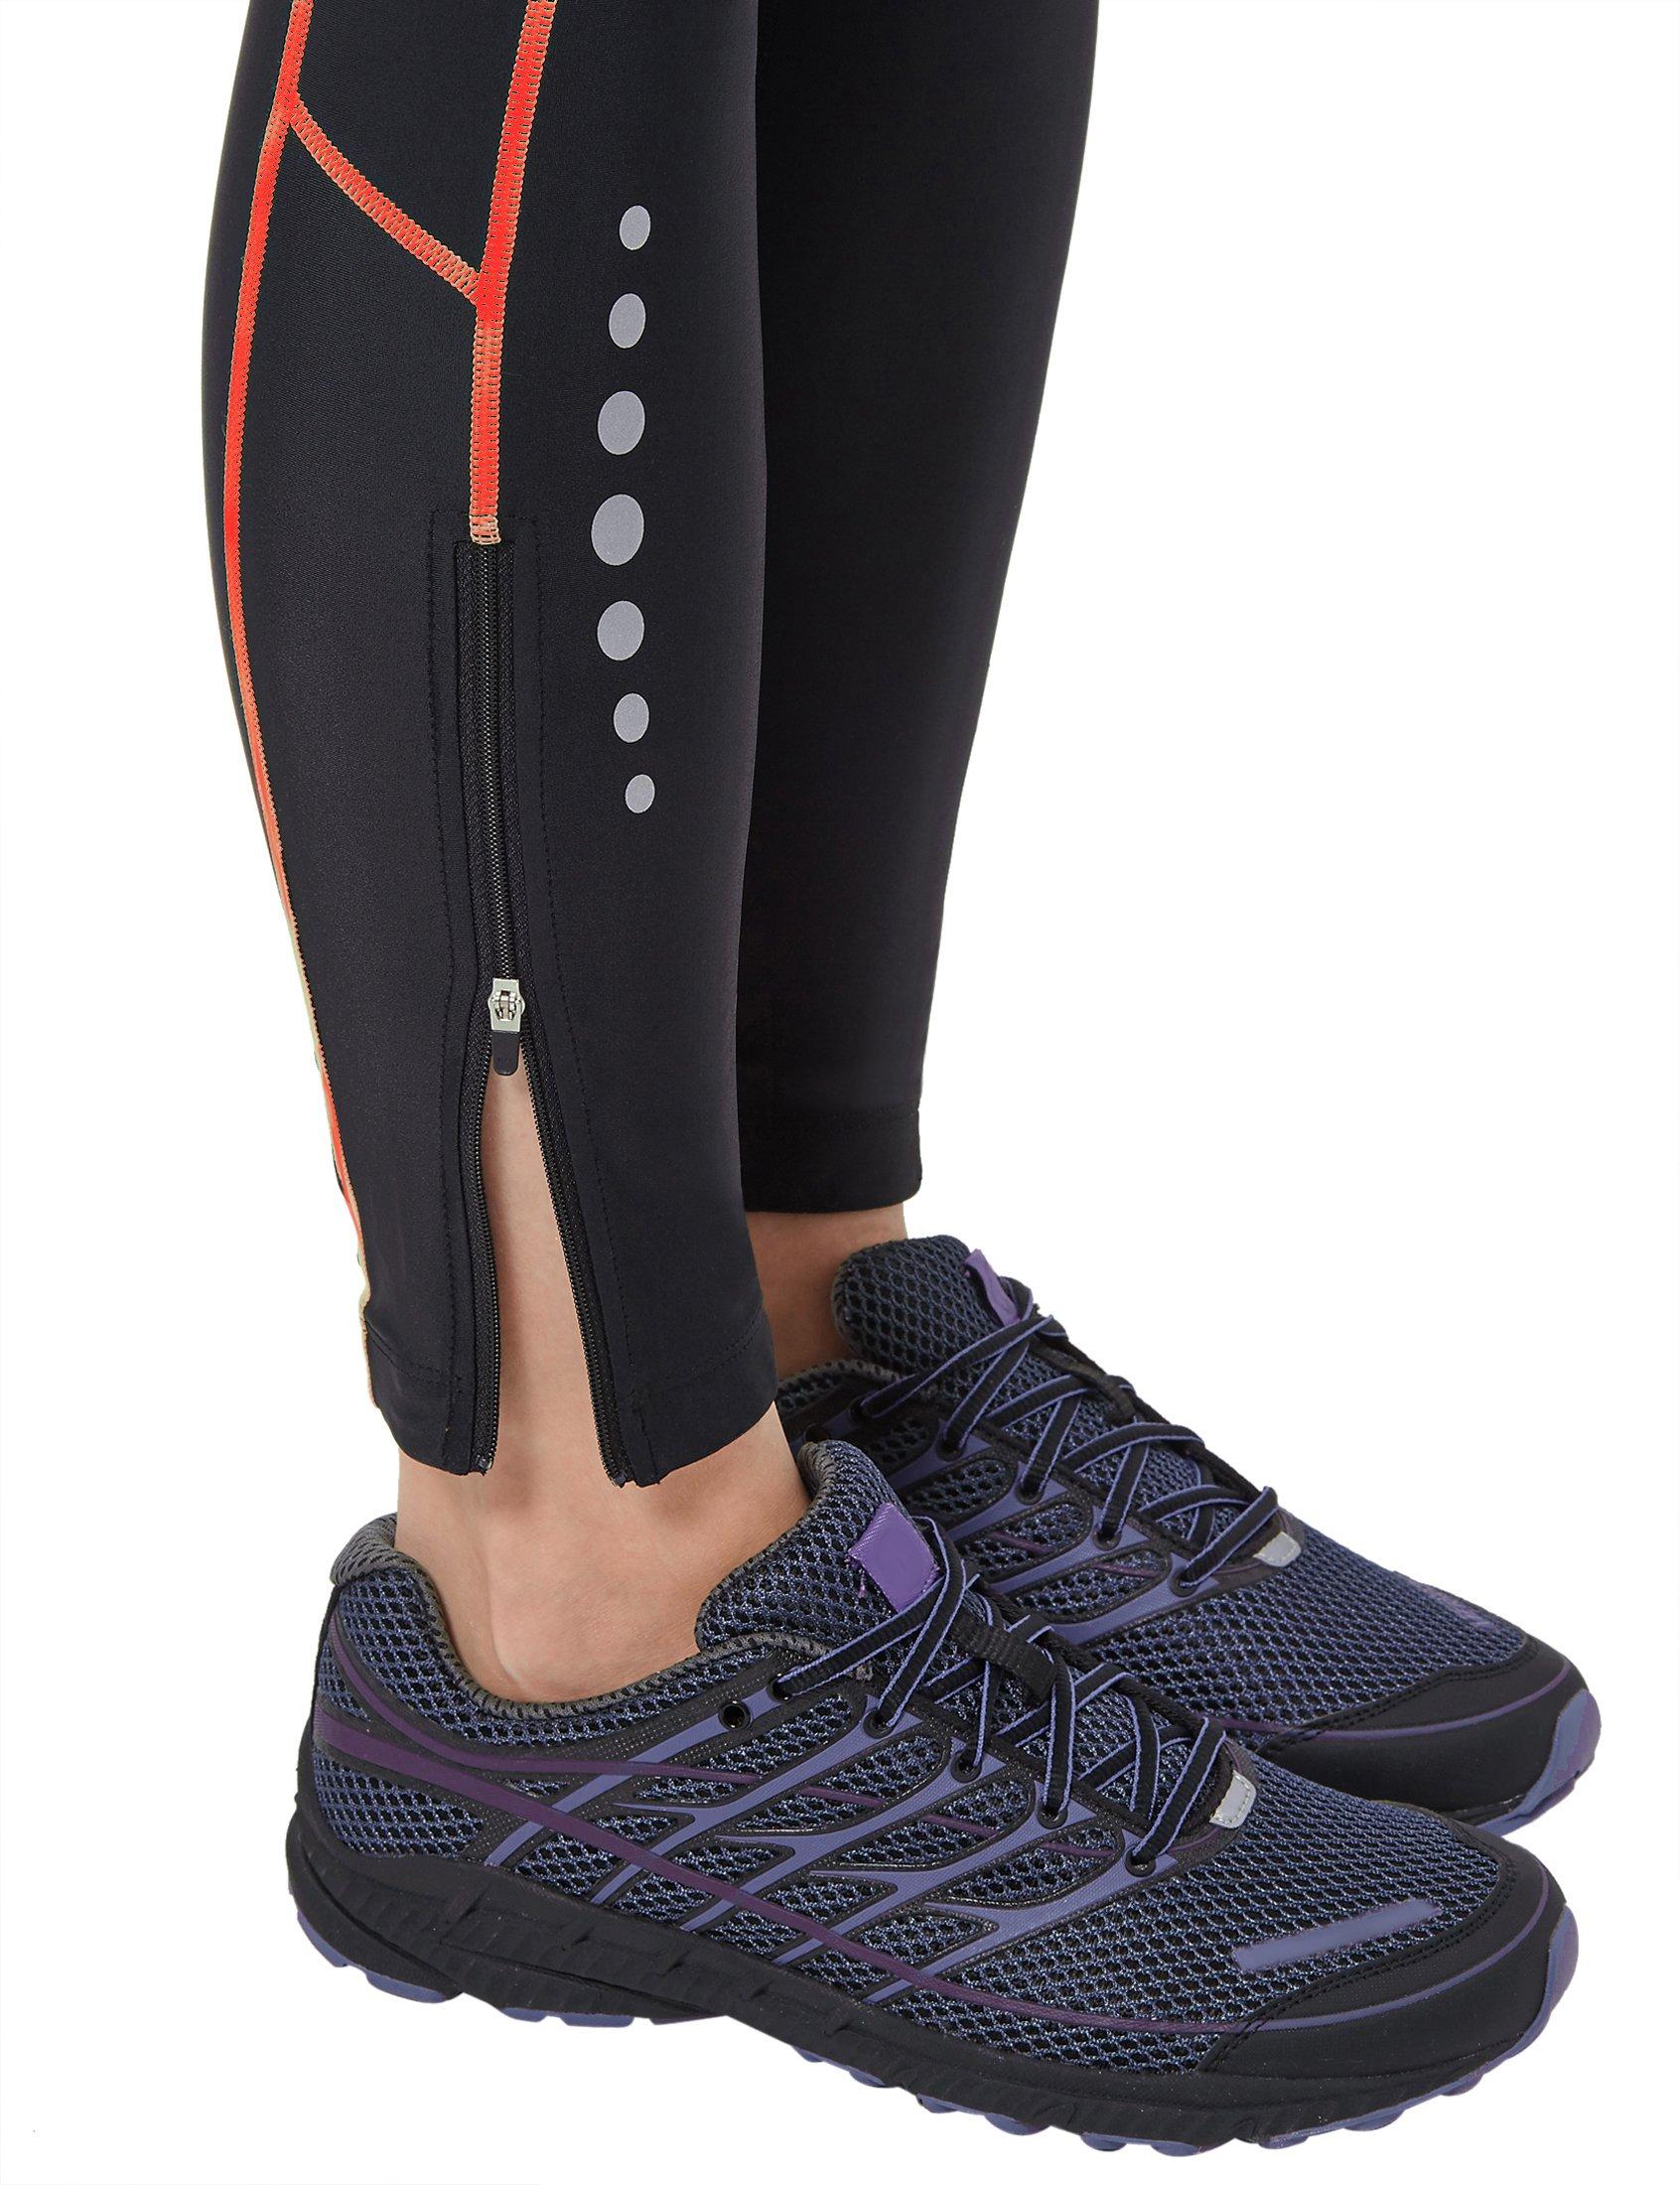 Ultrasport Effetto Compressivo E Funzione Quick Dry Pantalones Largos Mujer